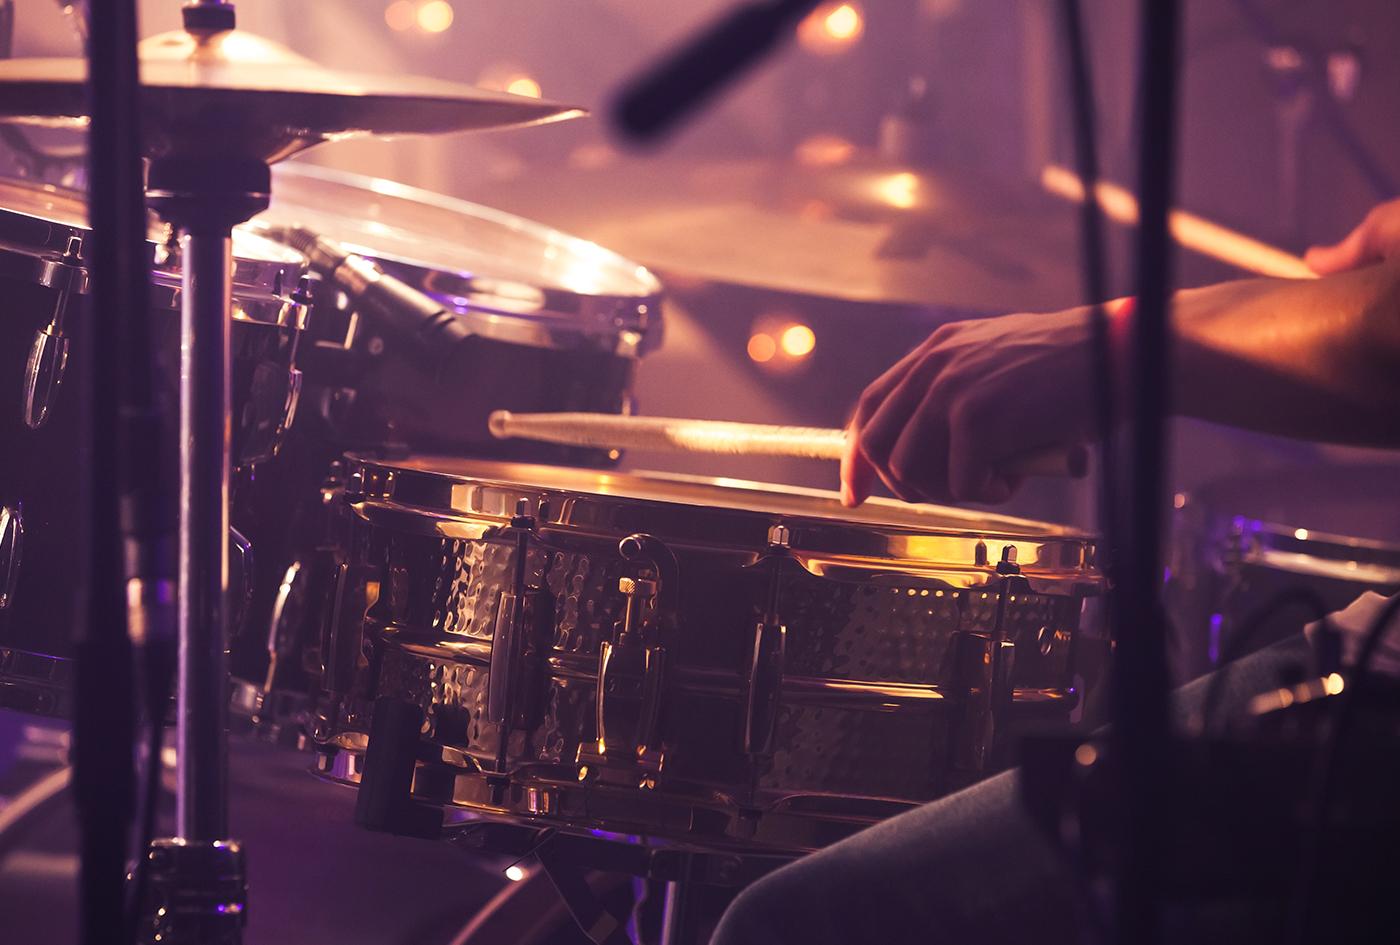 ドラムセットを構成する楽器